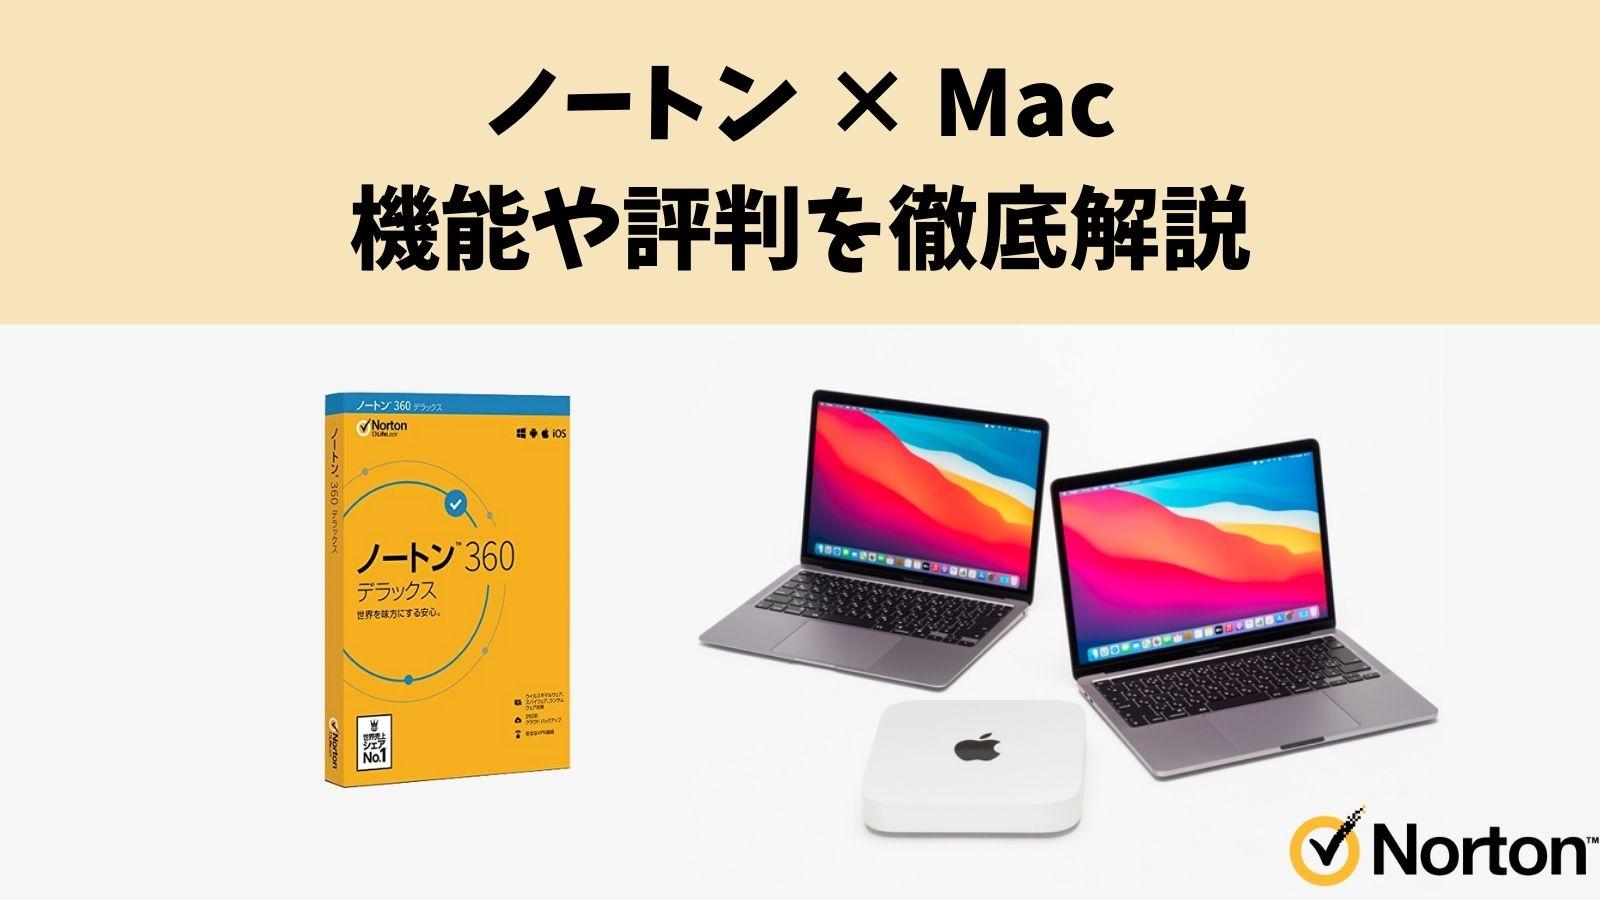 ノートン360はMacに必要?省略される機能や利用者の評判を徹底解説